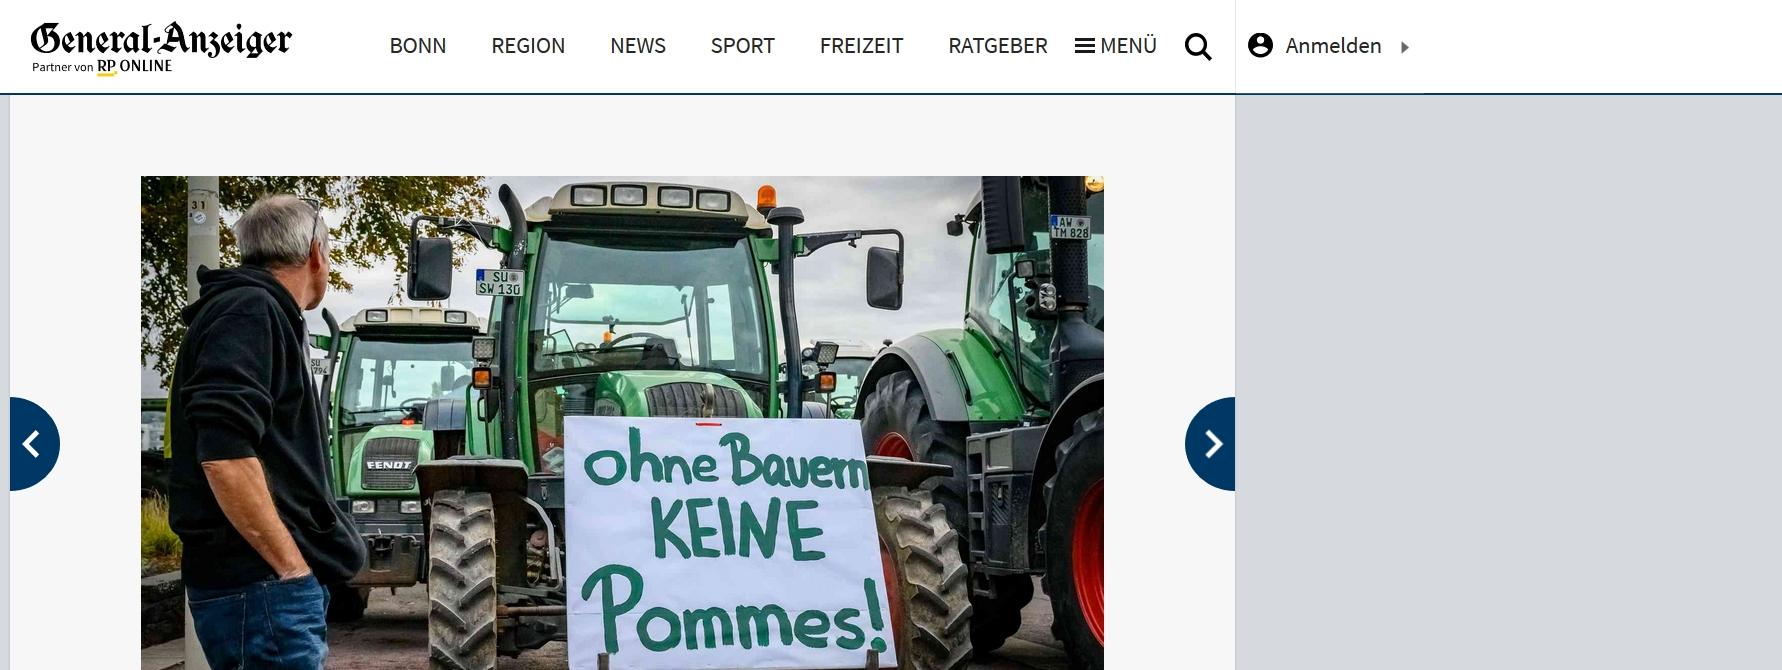 """Foto von Traktor mit Demoschild """"Ohne Bauern keine Pommes"""""""